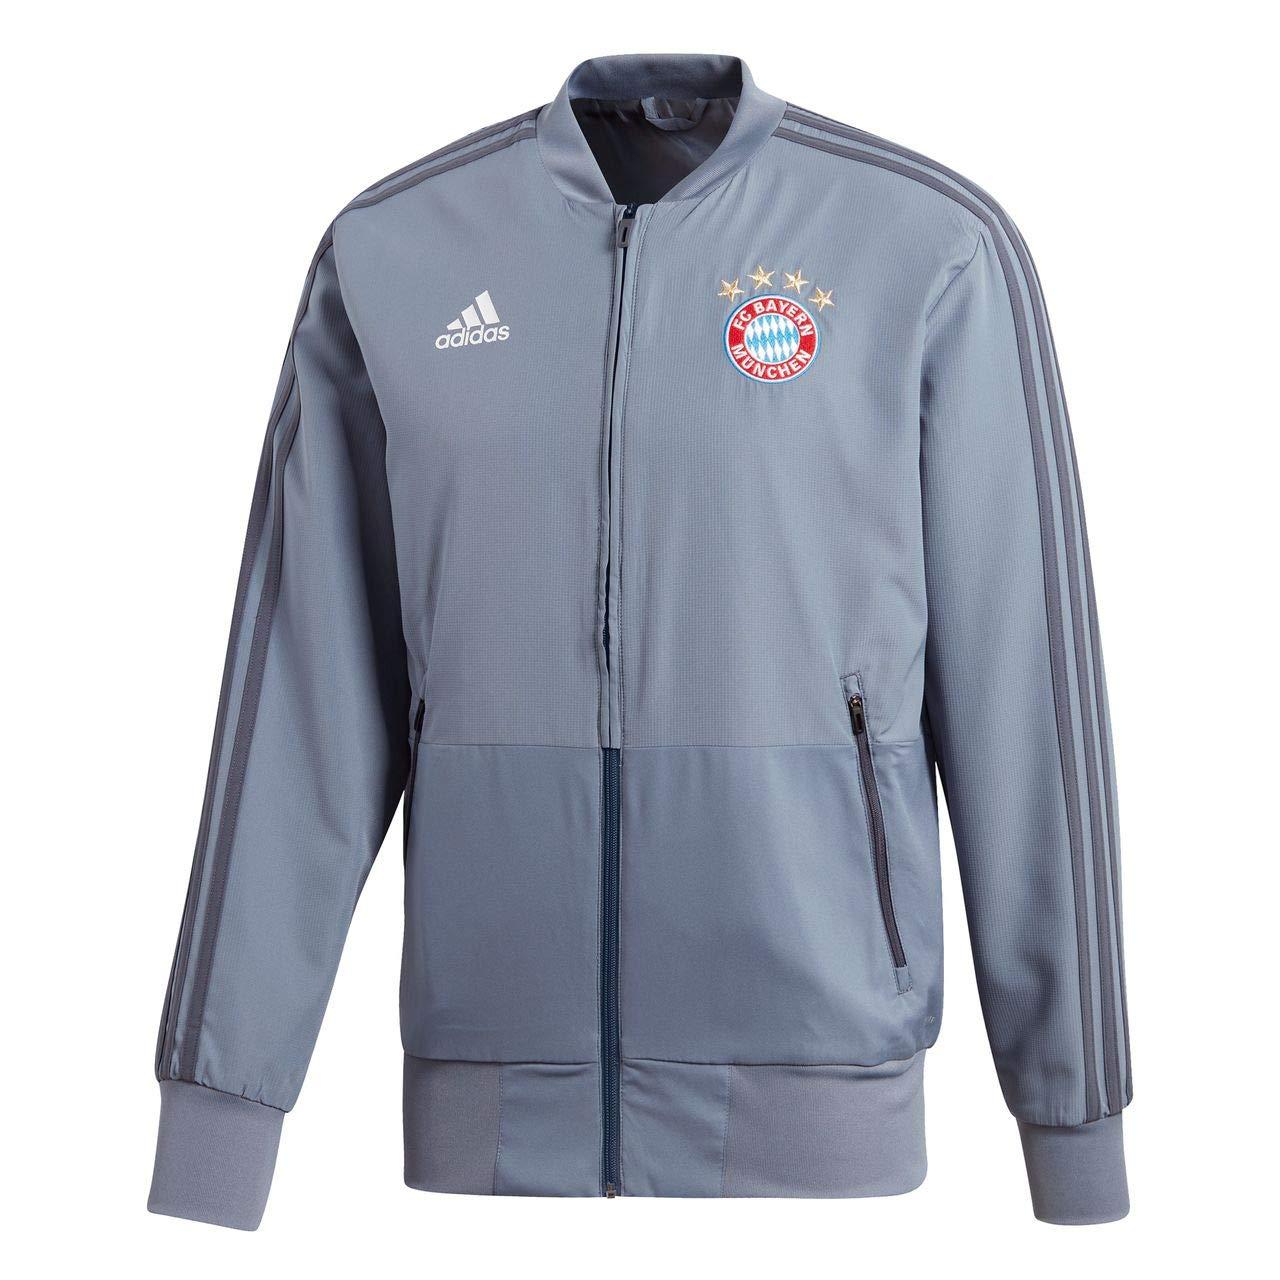 Amazon.com : adidas 2018-2019 Bayern Munich UCL Presentation ...